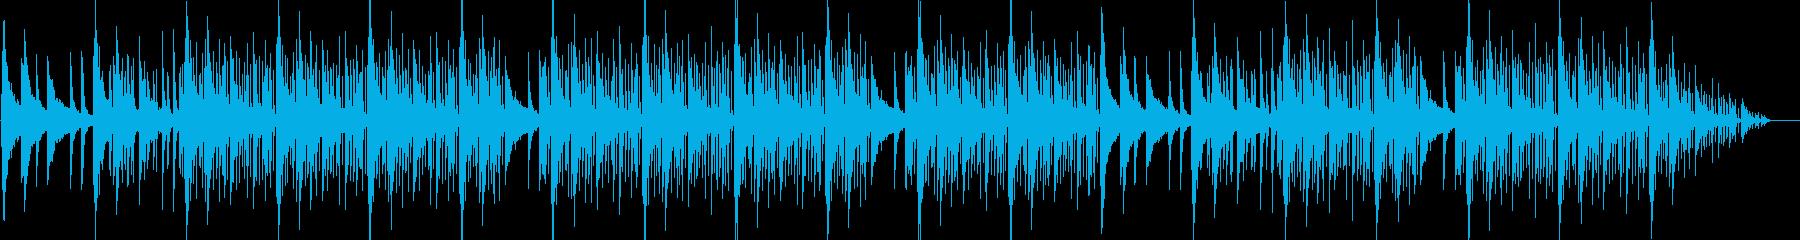 エレクトリックピアノのHiphopの再生済みの波形